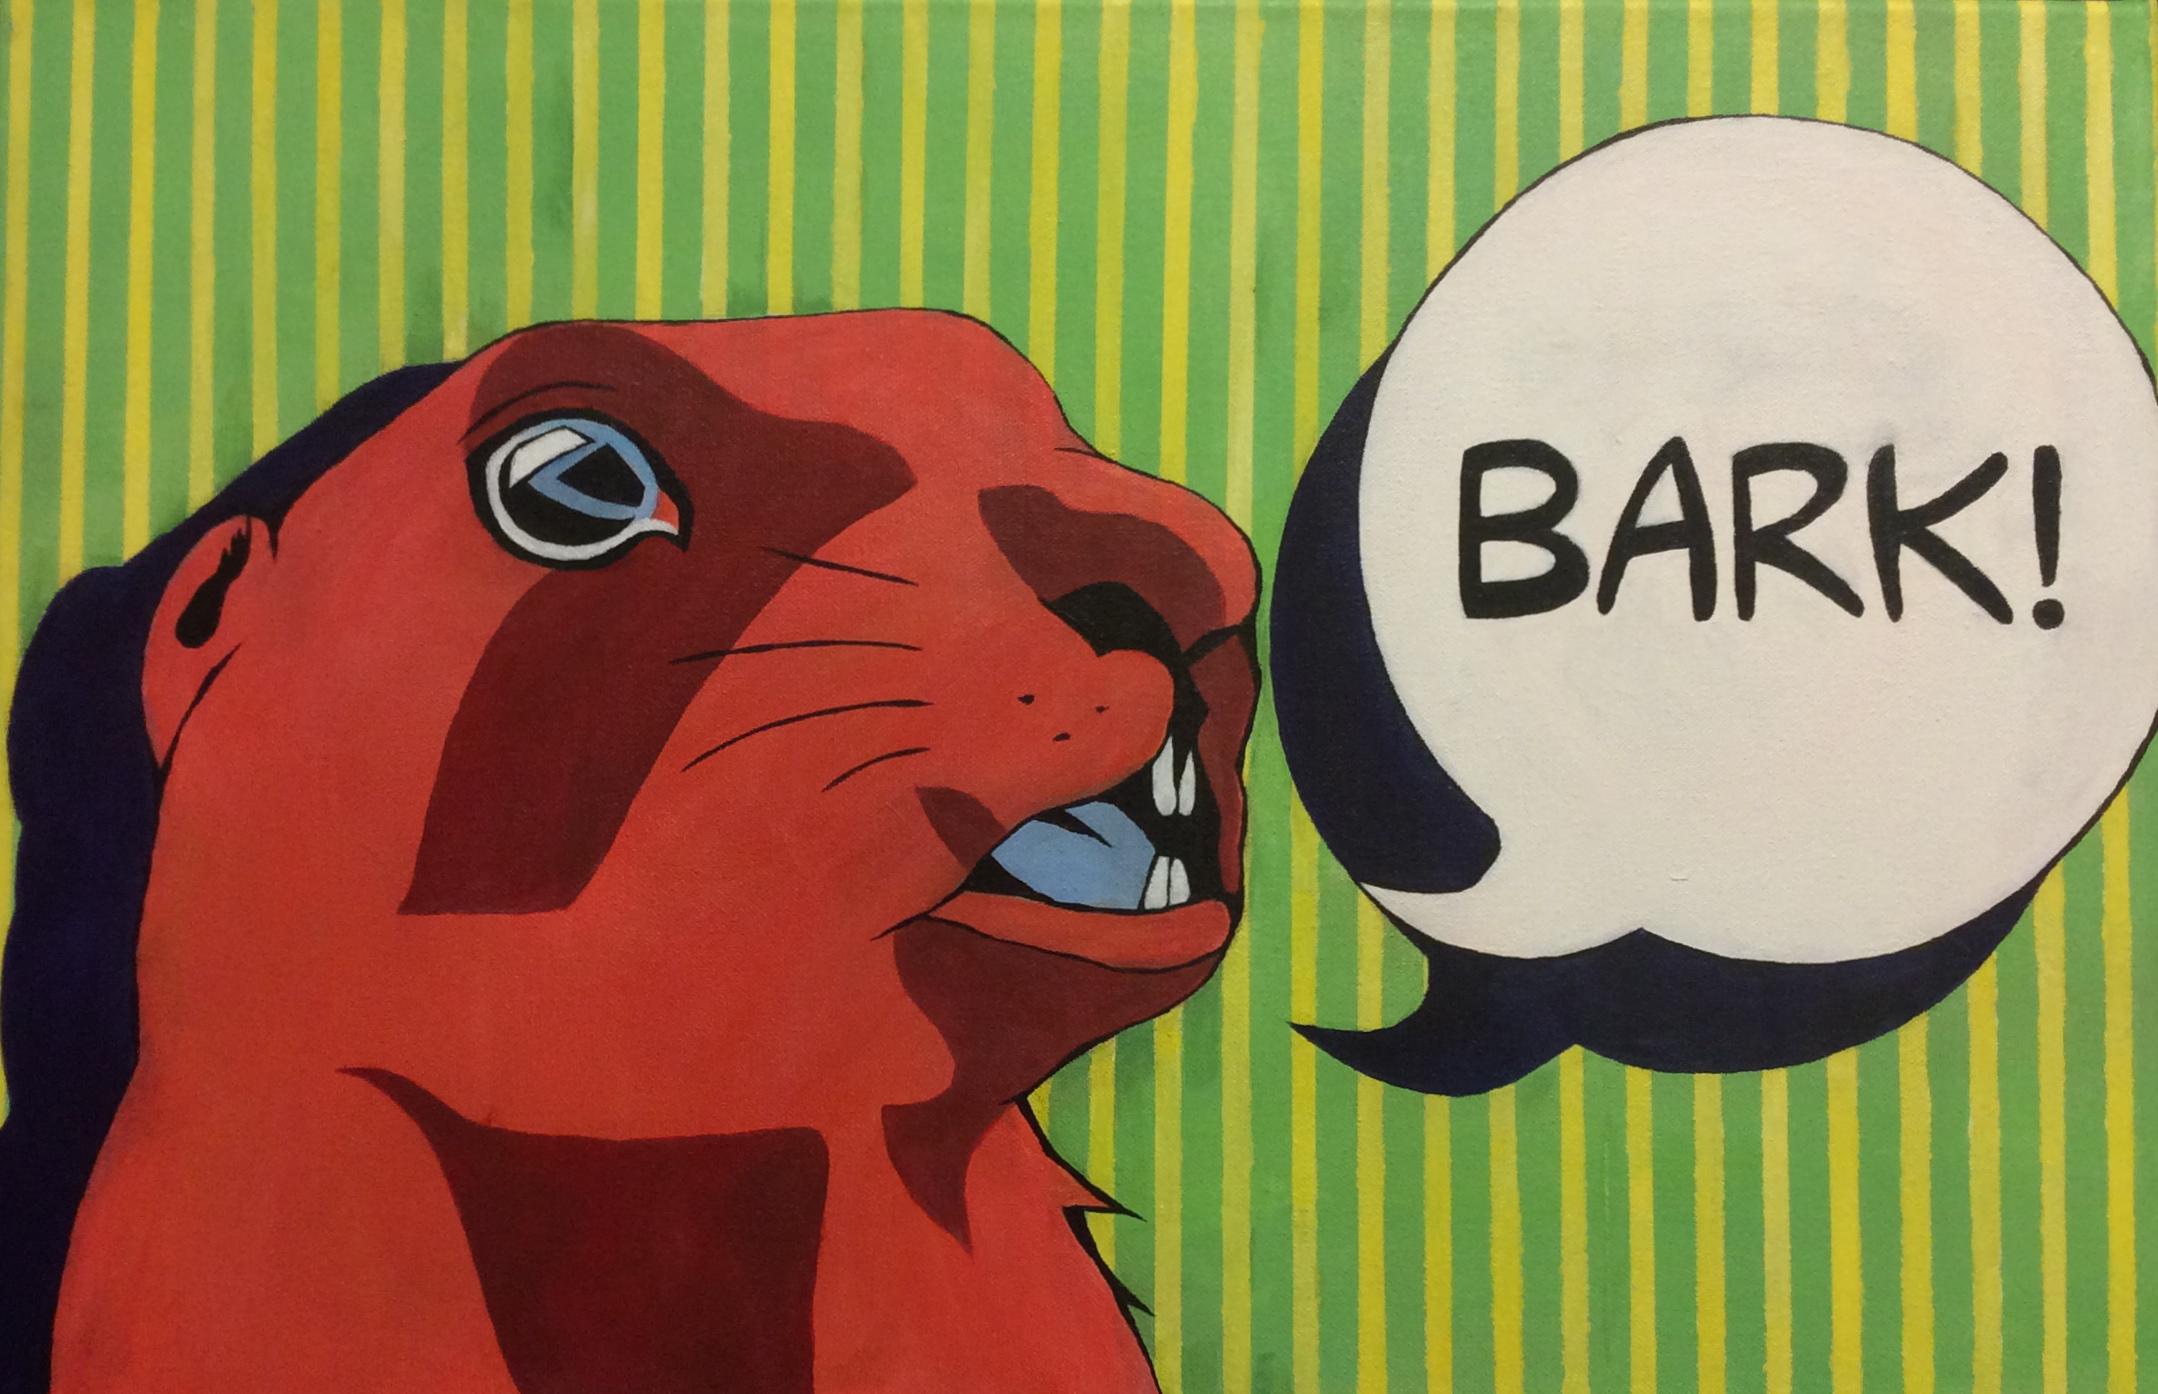 BARk! - 16 X 24acrylic paint on canvas